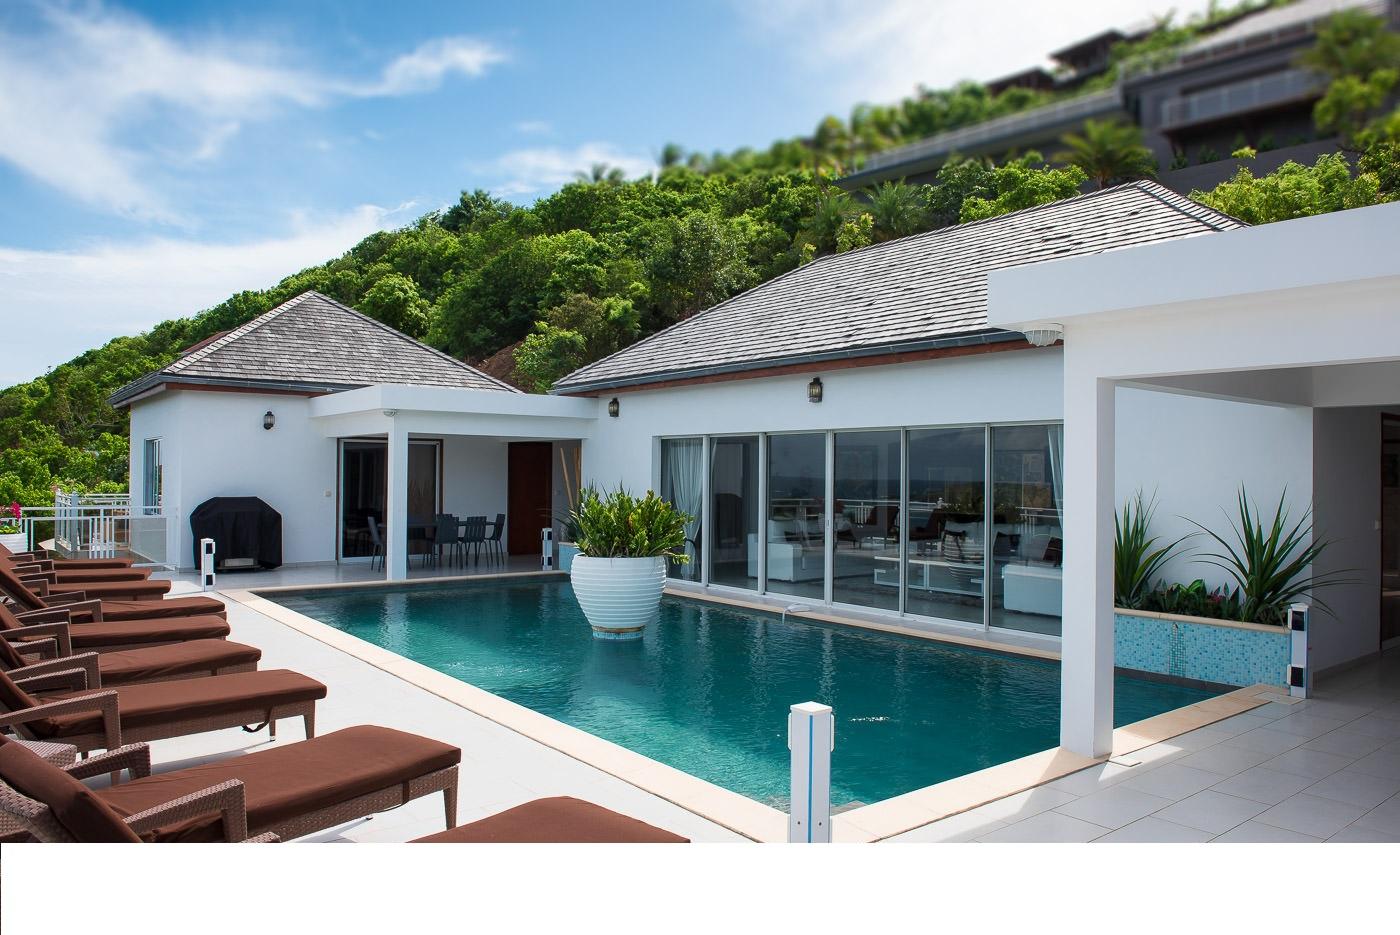 Location vacances st barth l my villa de luxe avec piscine priv e for Location luxe vacances